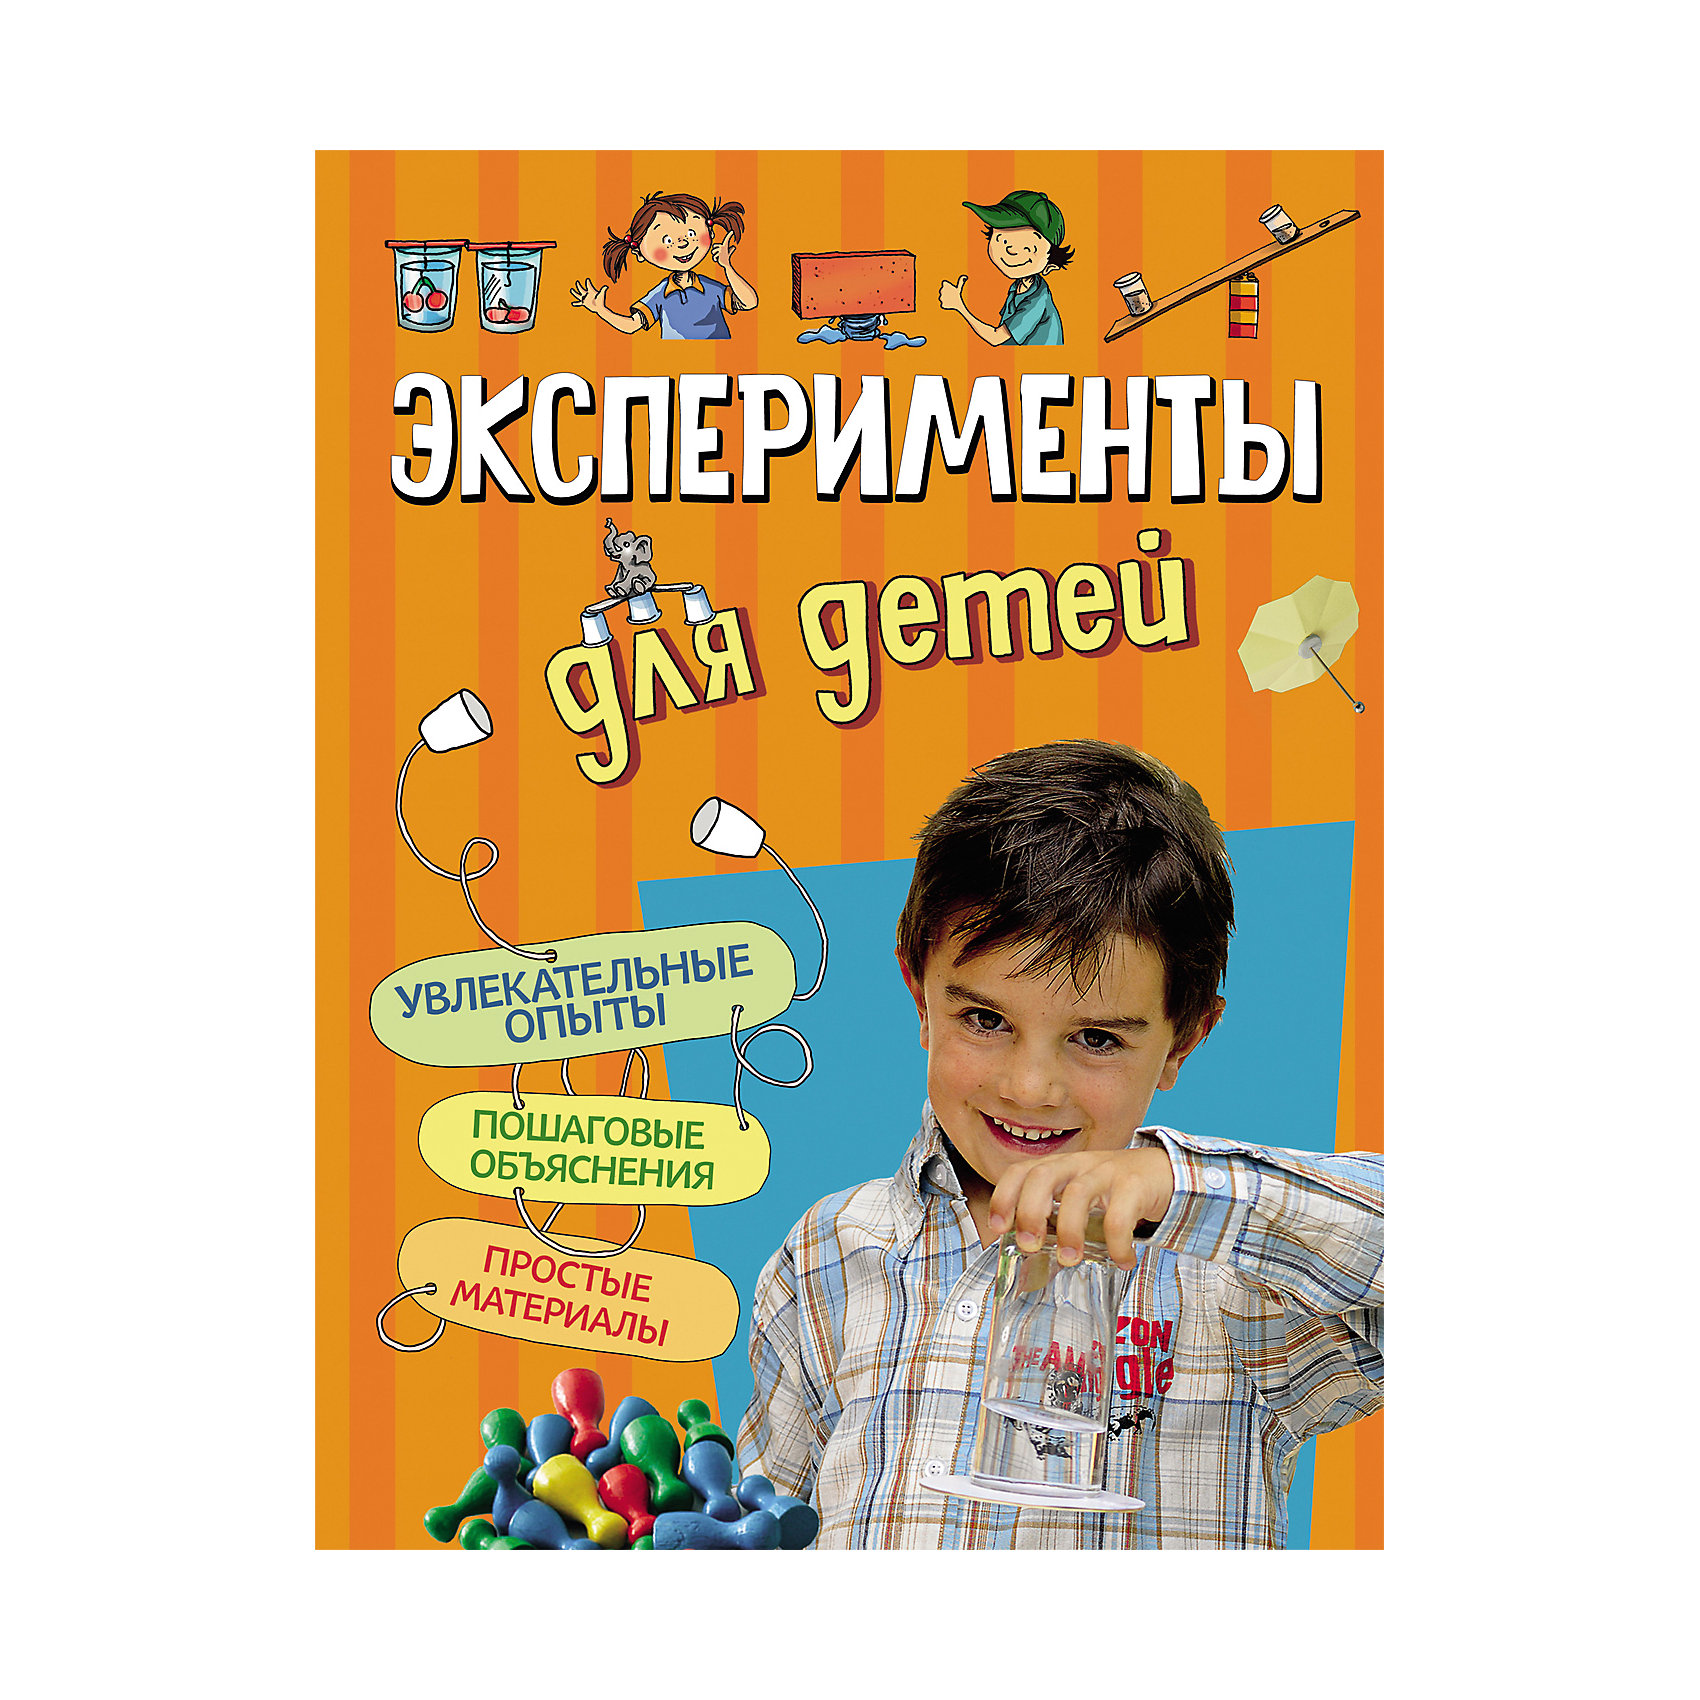 Эксперименты для детейЭнциклопедии для школьников<br>Книга Эксперименты для детей<br><br>Характеристики:<br><br>• ISBN: 9785353080237<br>• Количество страниц: 120<br>• Формат: А4  <br>• Обложка: твердая <br><br>Эта книга позволит вашему ребенку почувствовать себя настоящим ученым! Используя рекомендации из этой книги, ваш юный исследователь сможет повторить различные безопасные опыты с подручными материалами и узнать о необычных свойствах привычных для нас предметов. Он сможет поставить эксперименты с такими вещами как бумага, вода, соль и понять основные законы физики и химии, совершая свои маленькие открытия.<br><br>Книга Эксперименты для детей можно купить в нашем интернет-магазине.<br><br>Ширина мм: 283<br>Глубина мм: 217<br>Высота мм: 120<br>Вес г: 542<br>Возраст от месяцев: 84<br>Возраст до месяцев: 2147483647<br>Пол: Унисекс<br>Возраст: Детский<br>SKU: 5507099